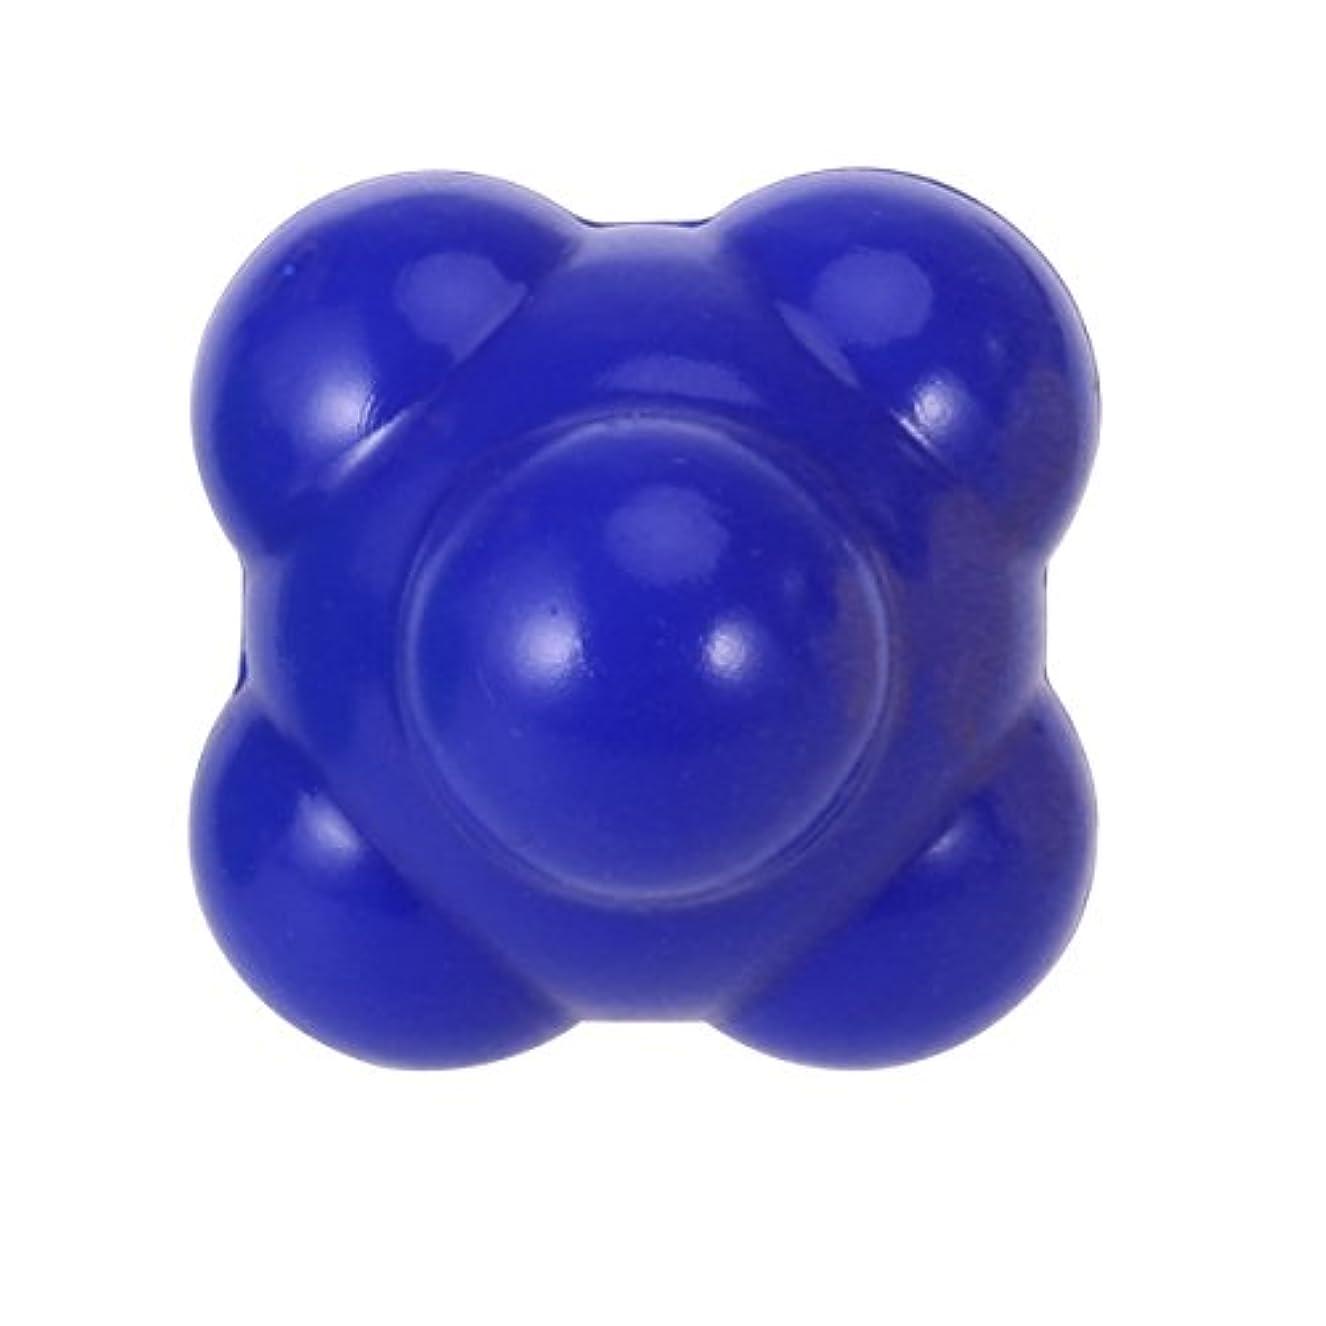 風味ダブルジャーナルROSENICE 敏捷性ボール58mm優れたハンドアイ配位の開発(ブルー)